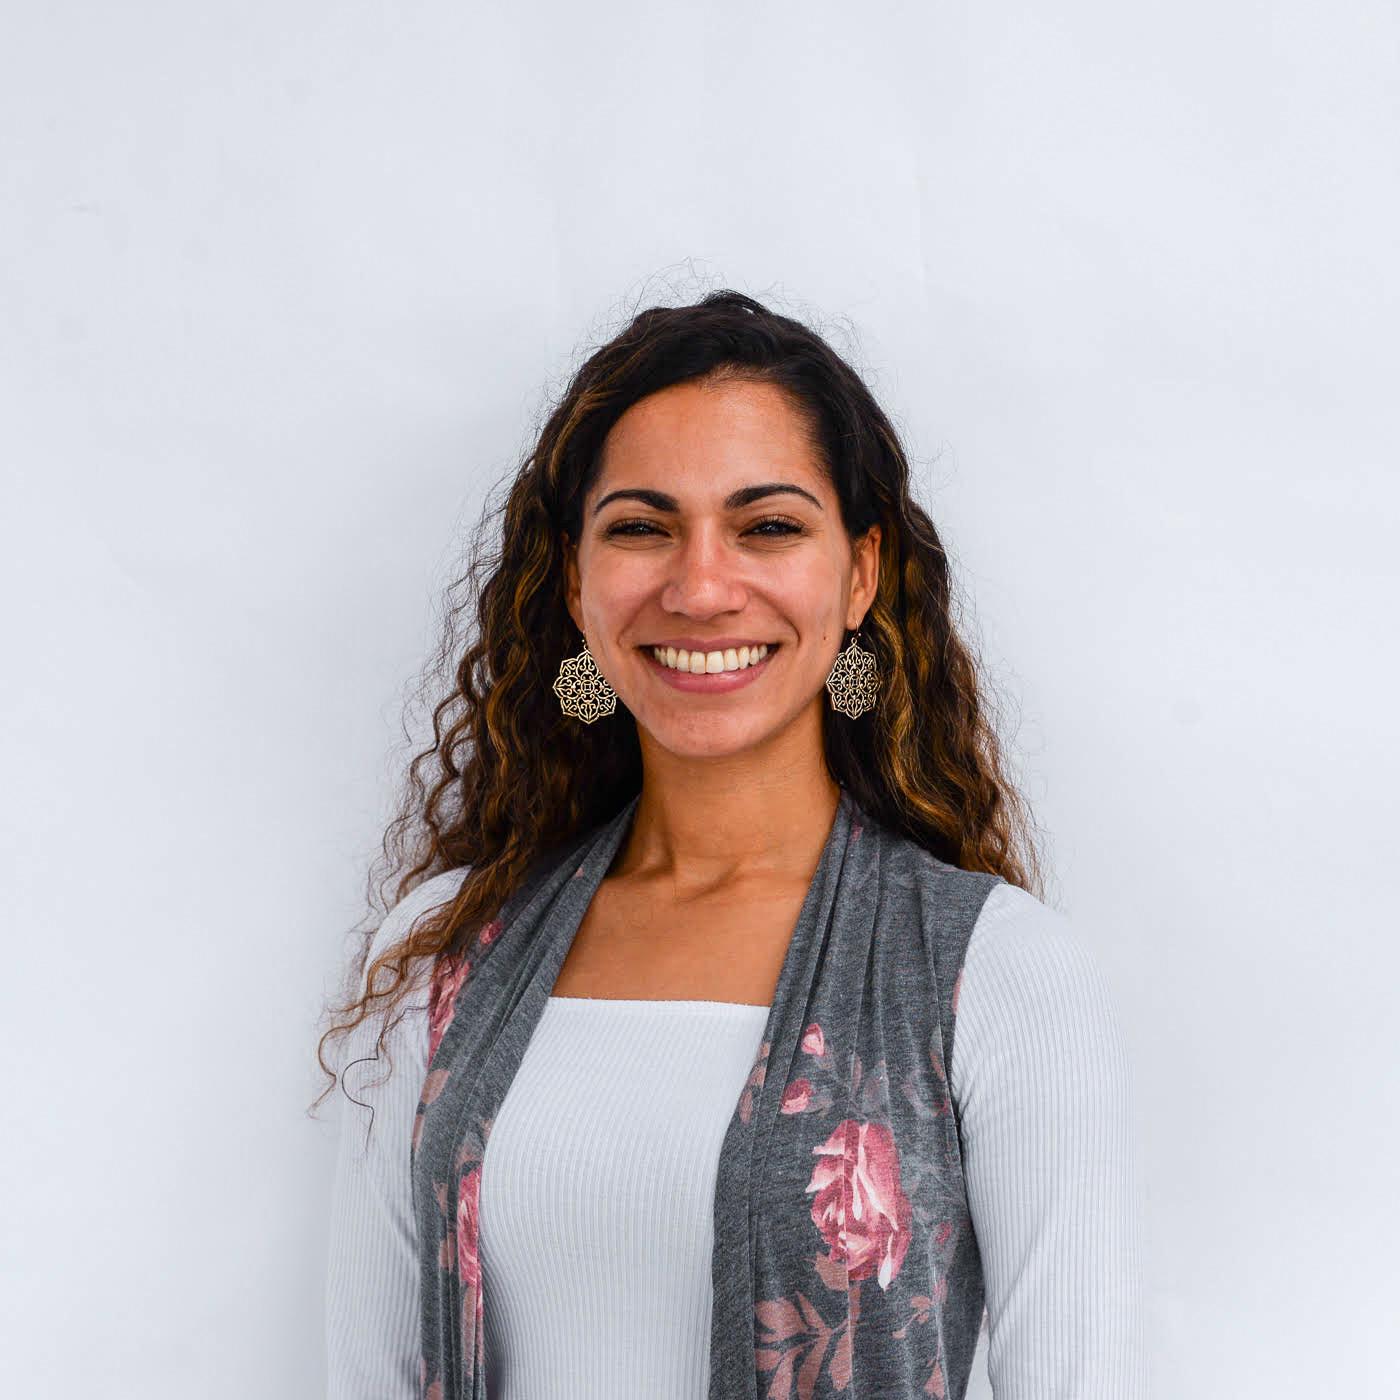 Alyssa Delgado image